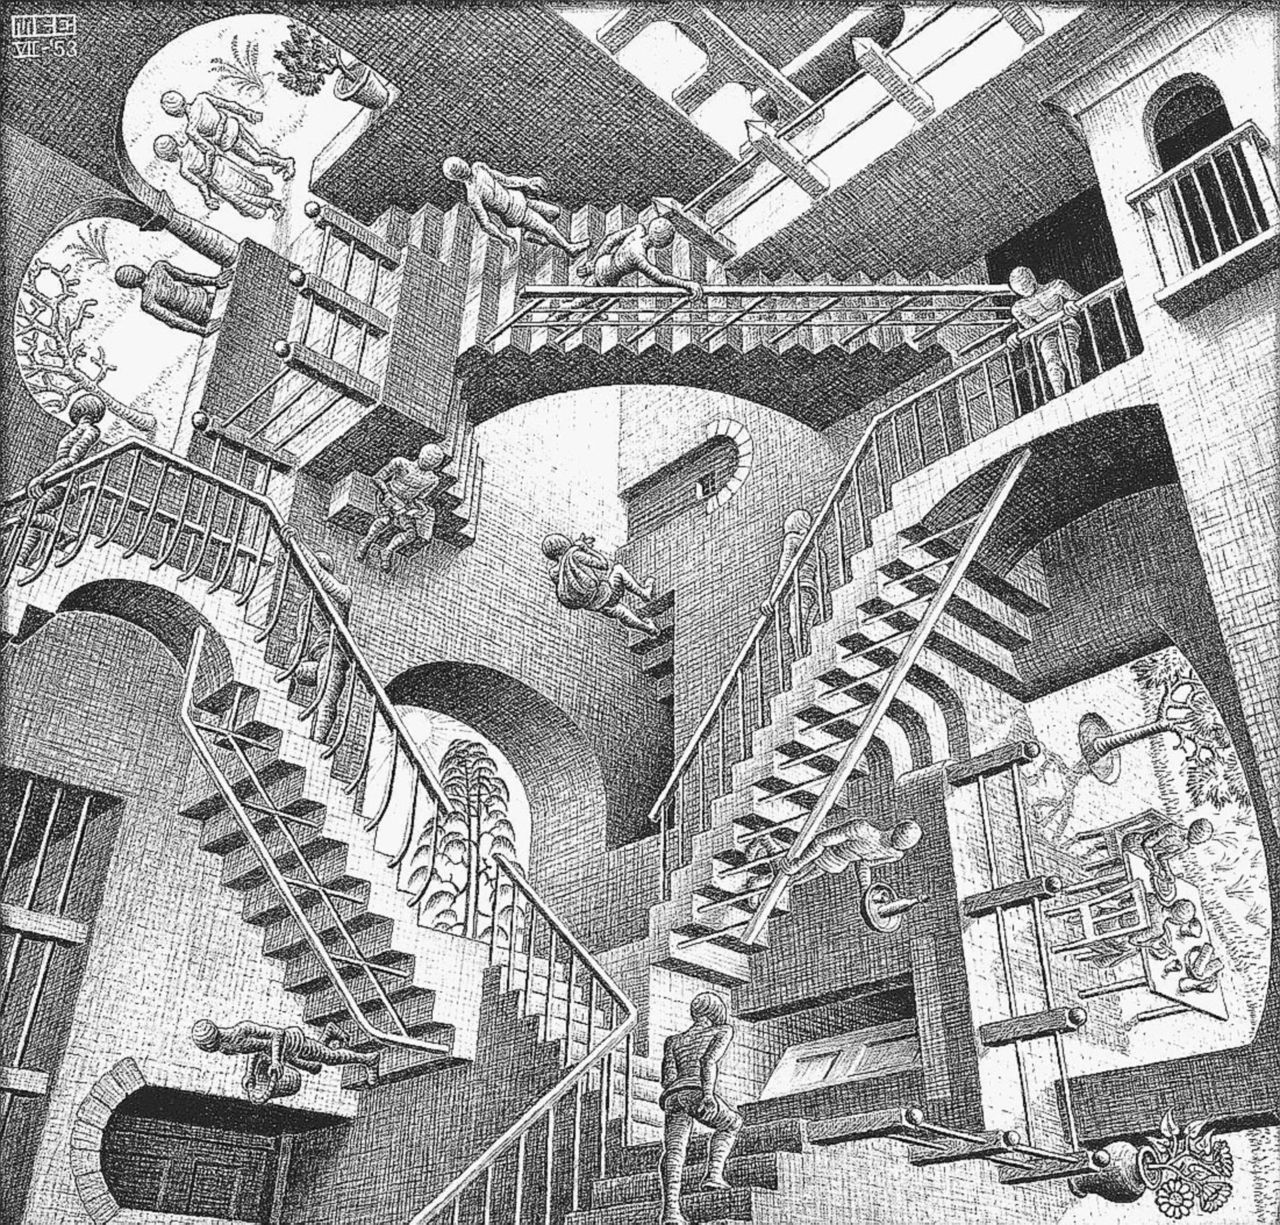 Concavi e convessi, la geometria secondo Escher